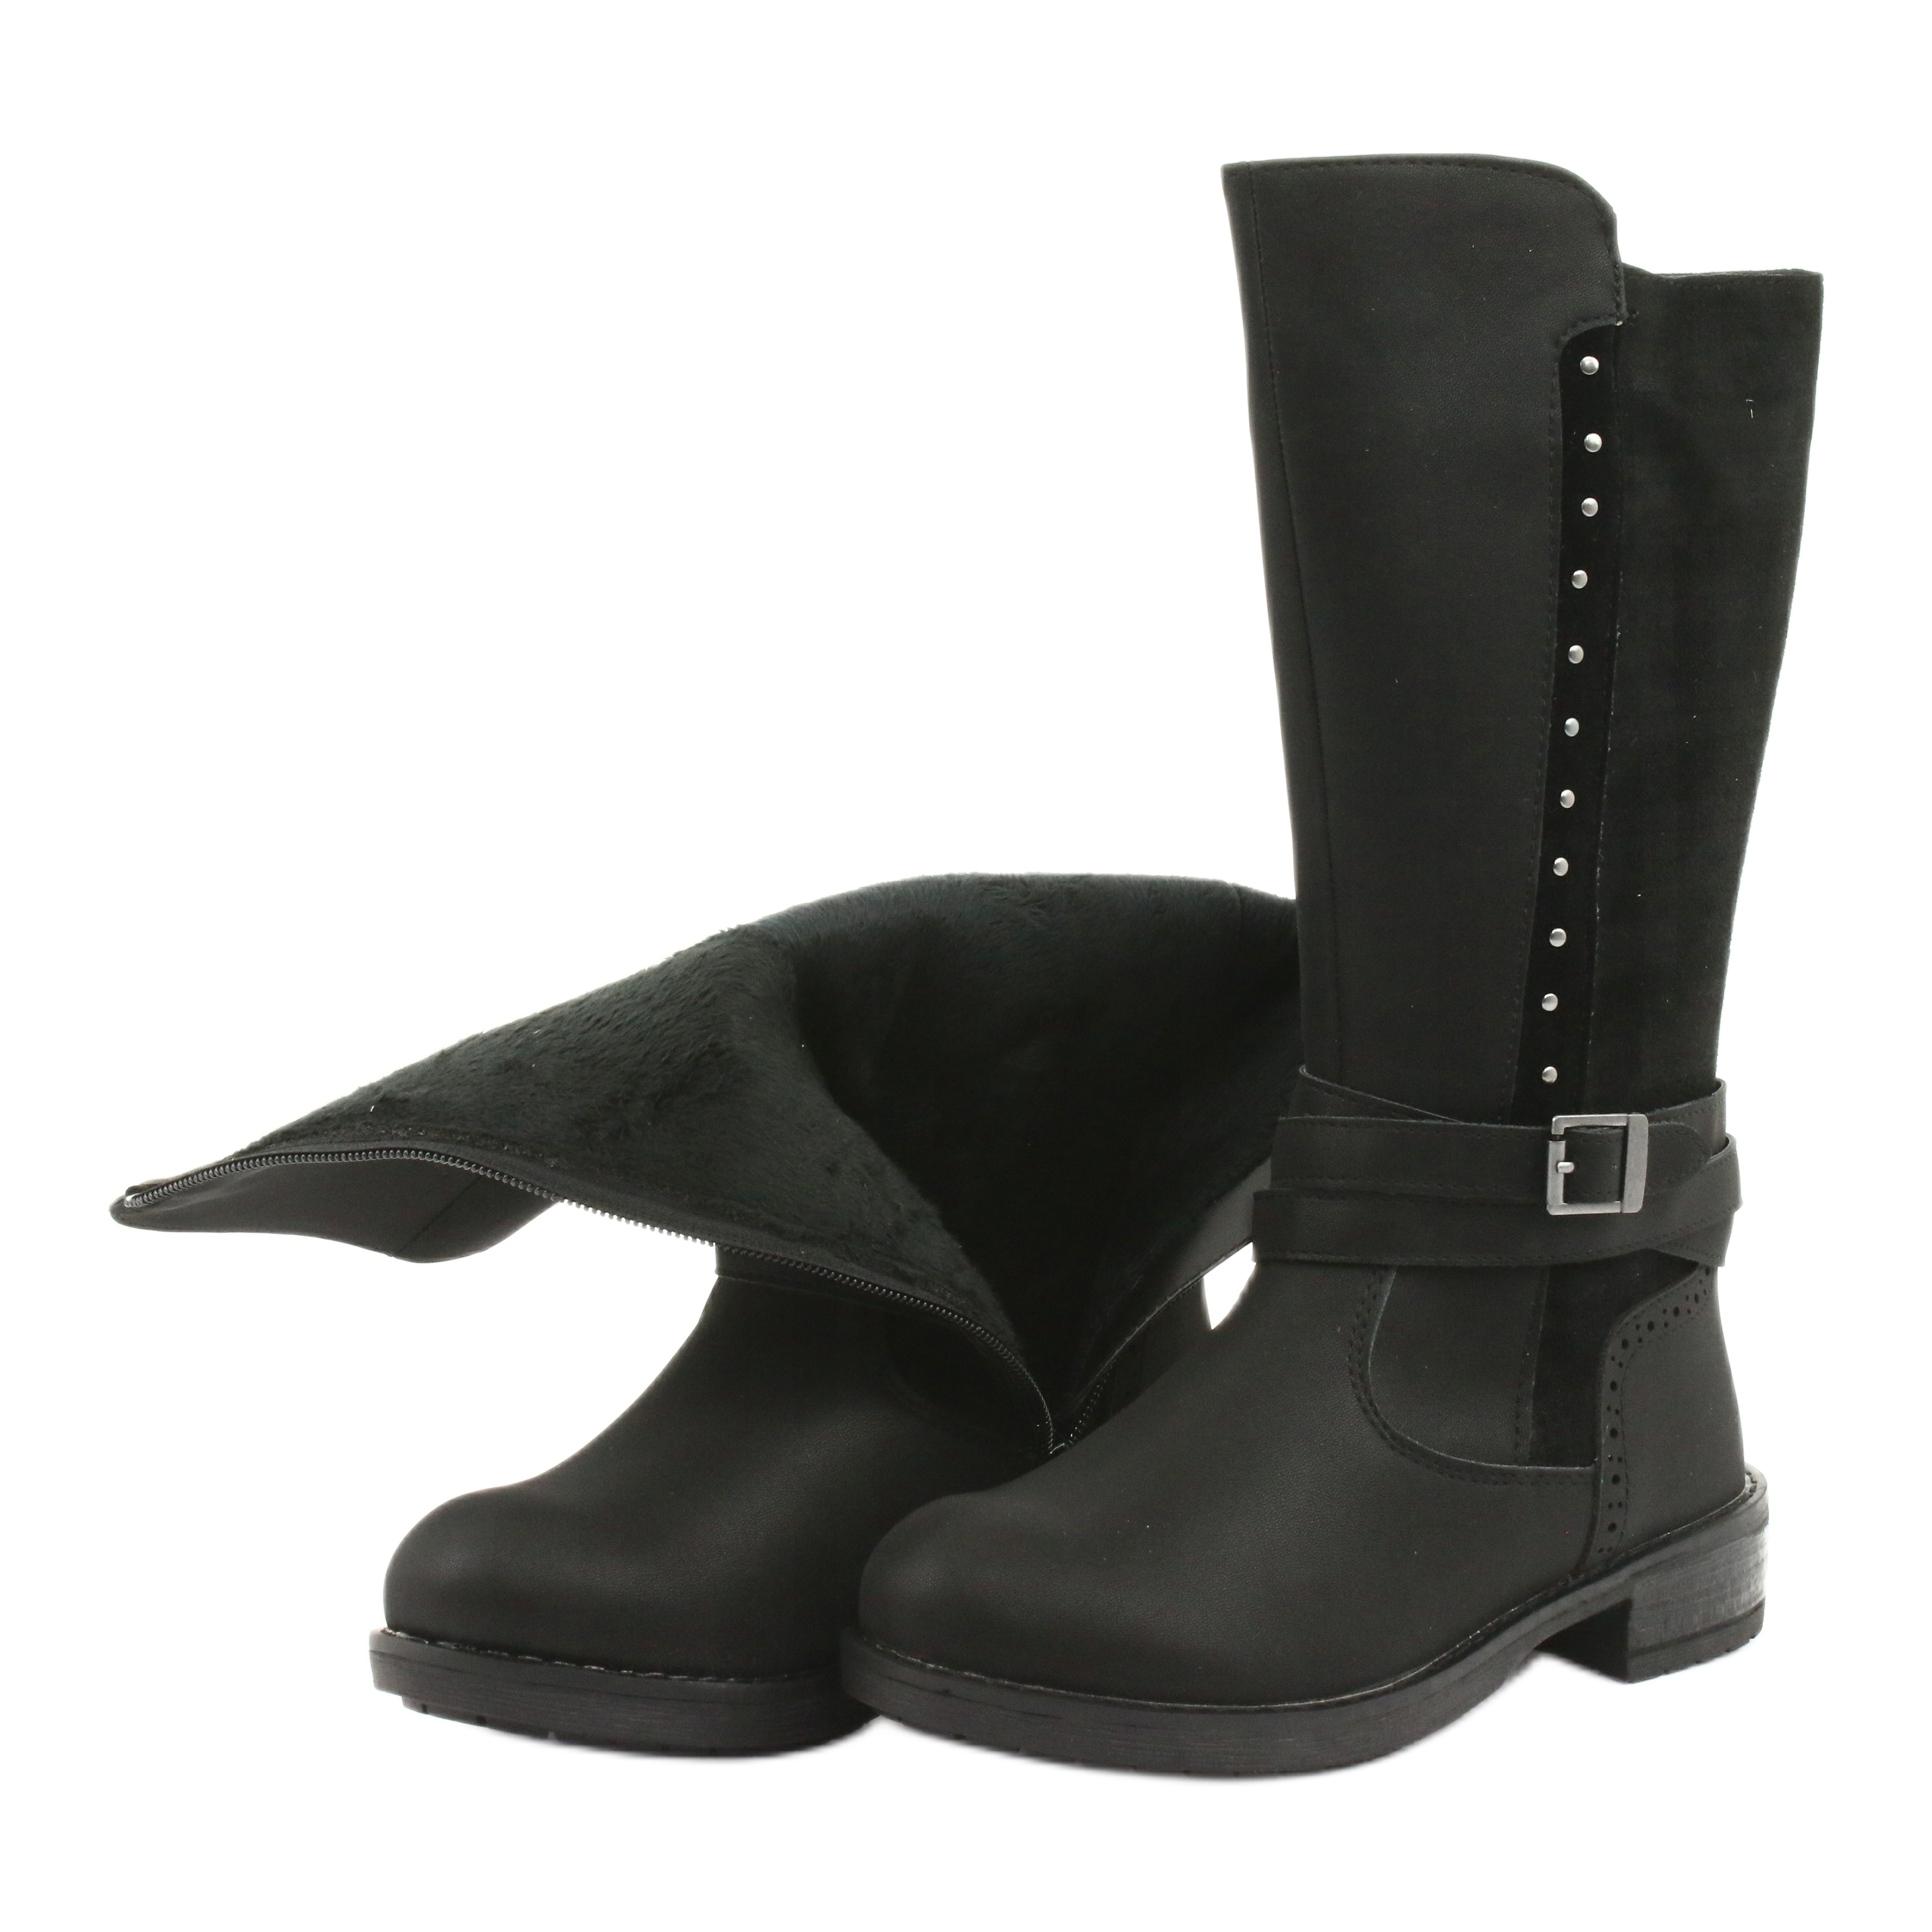 miniatura 6 - Stivali lunghi American Club GC31 con getti nero grigio